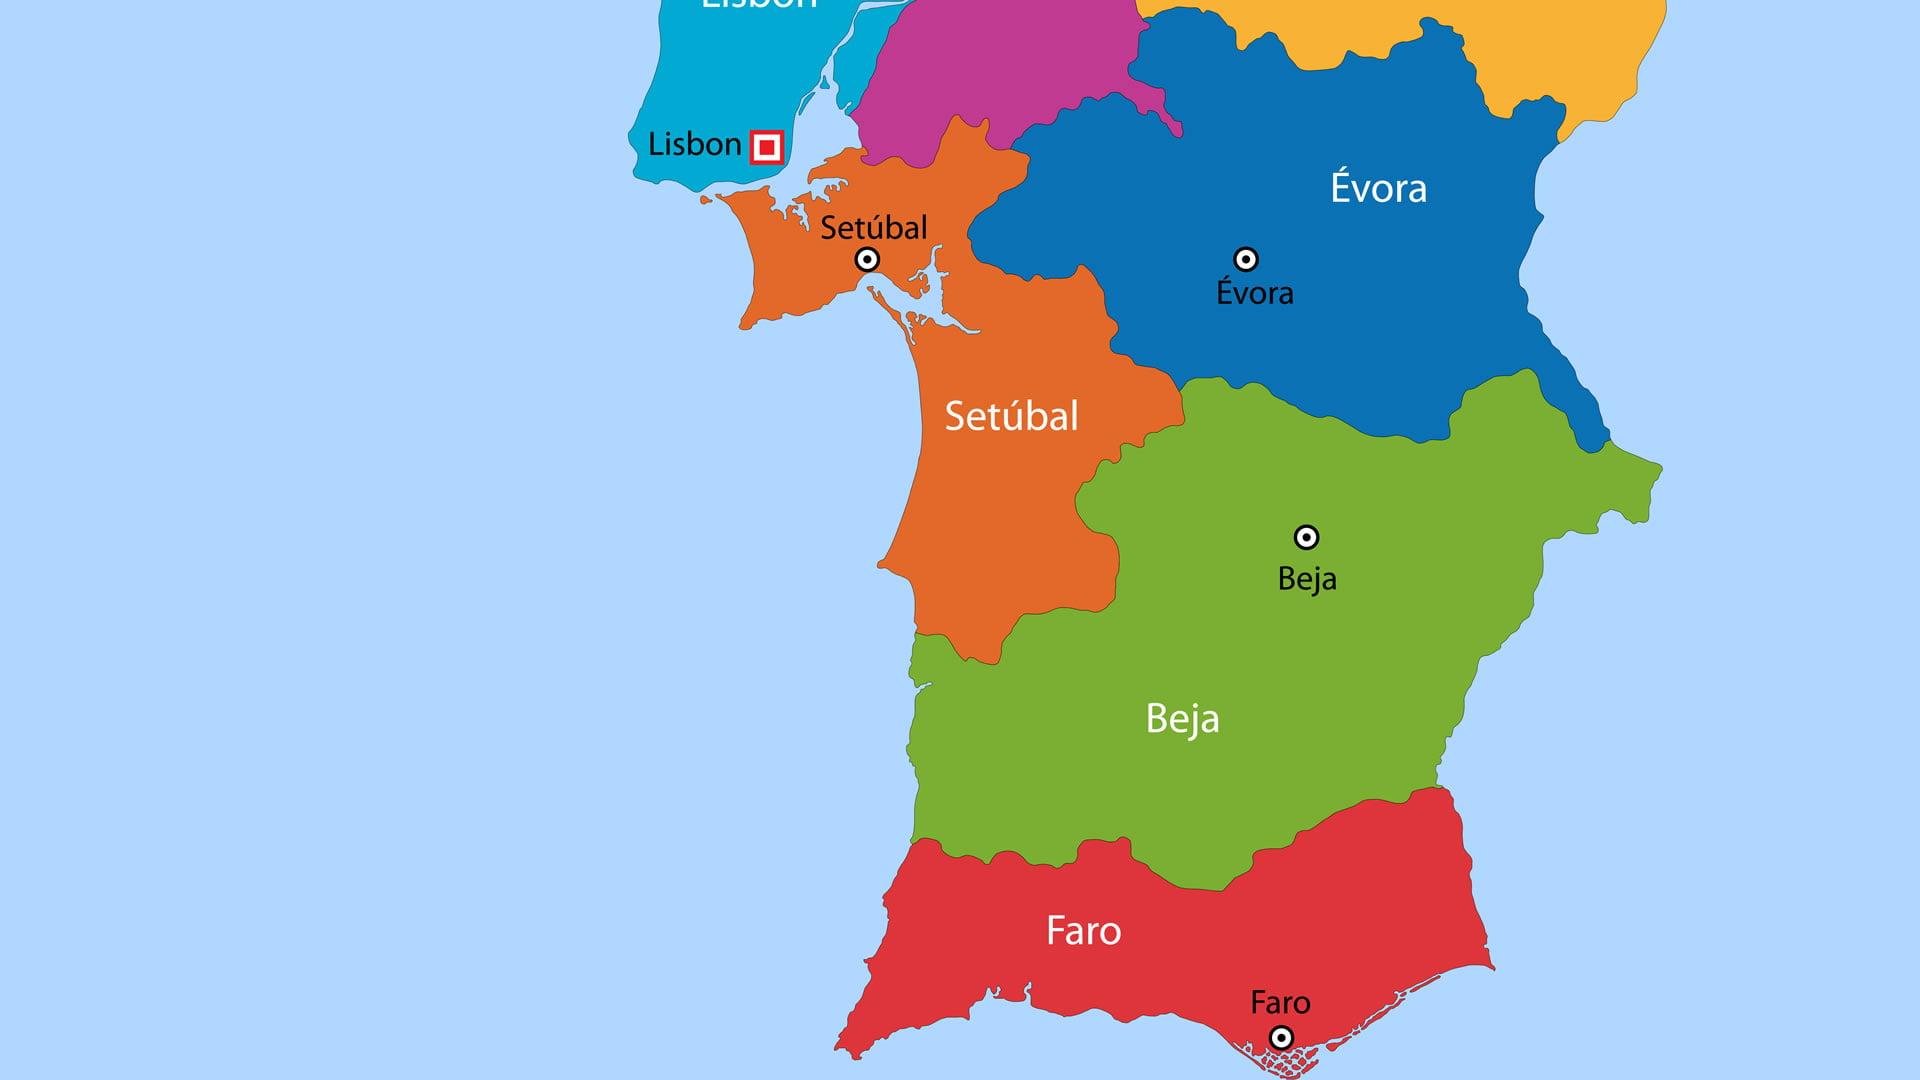 Mapa político de Portugal: zona sur